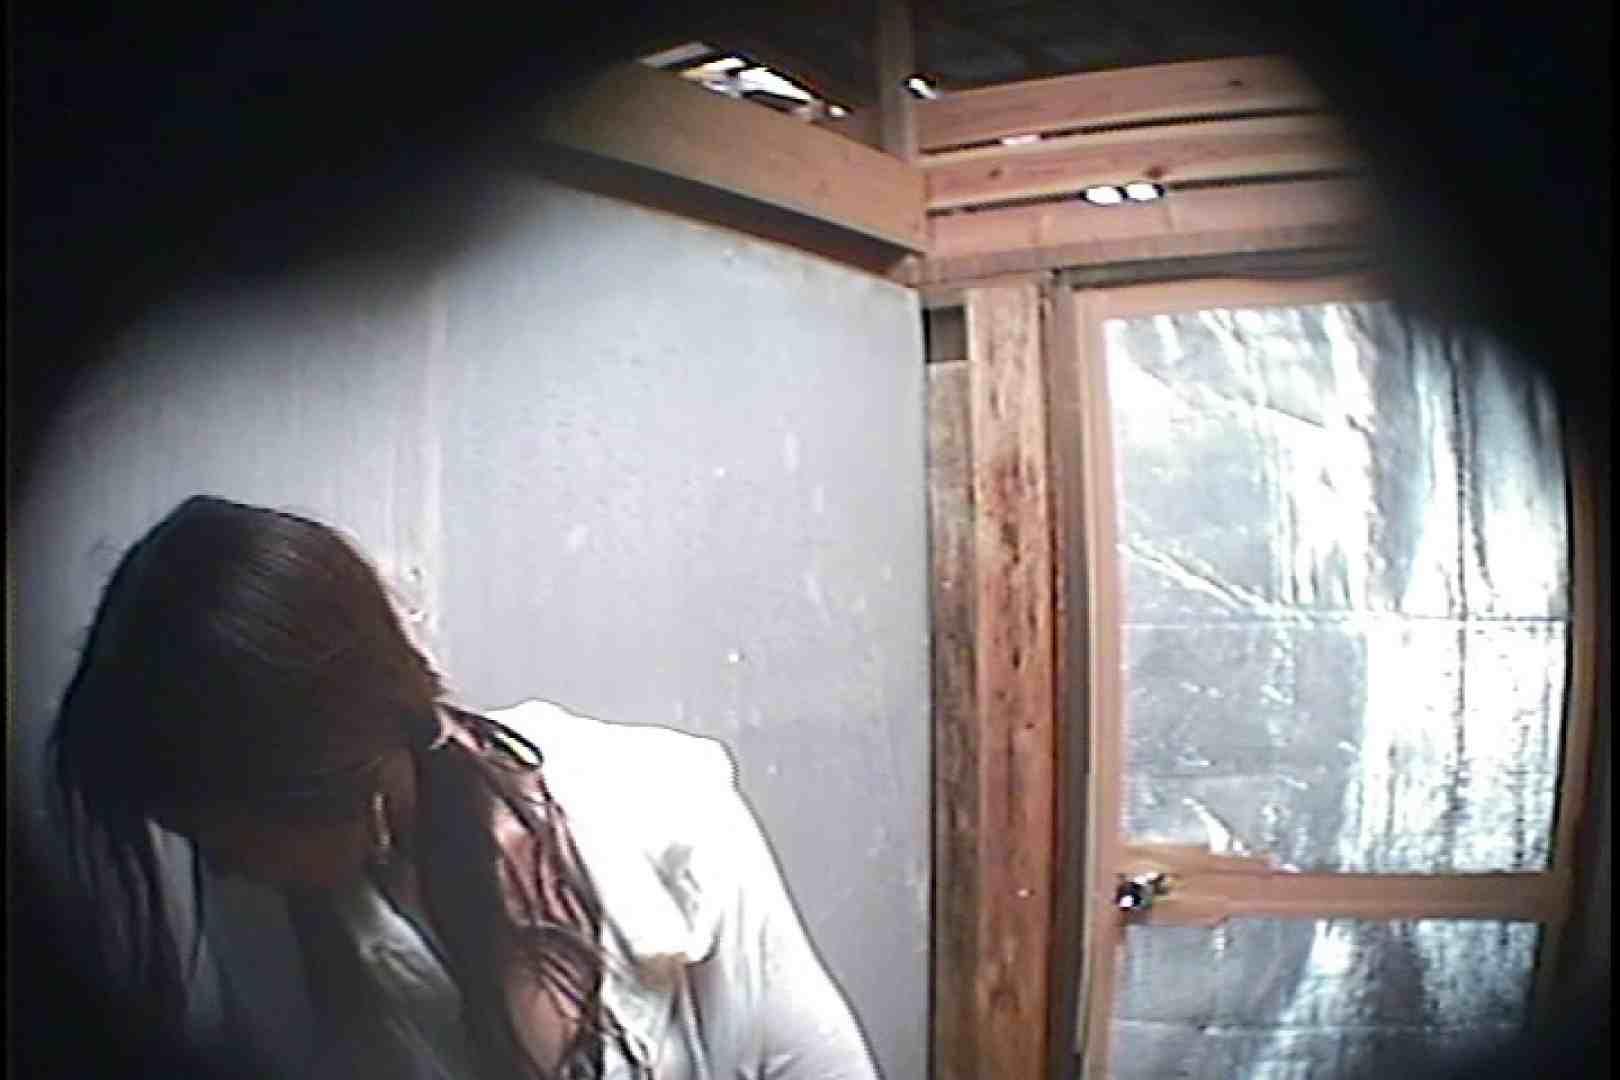 海の家の更衣室 Vol.45 シャワー中 | 美女達のヌード  64連発 1